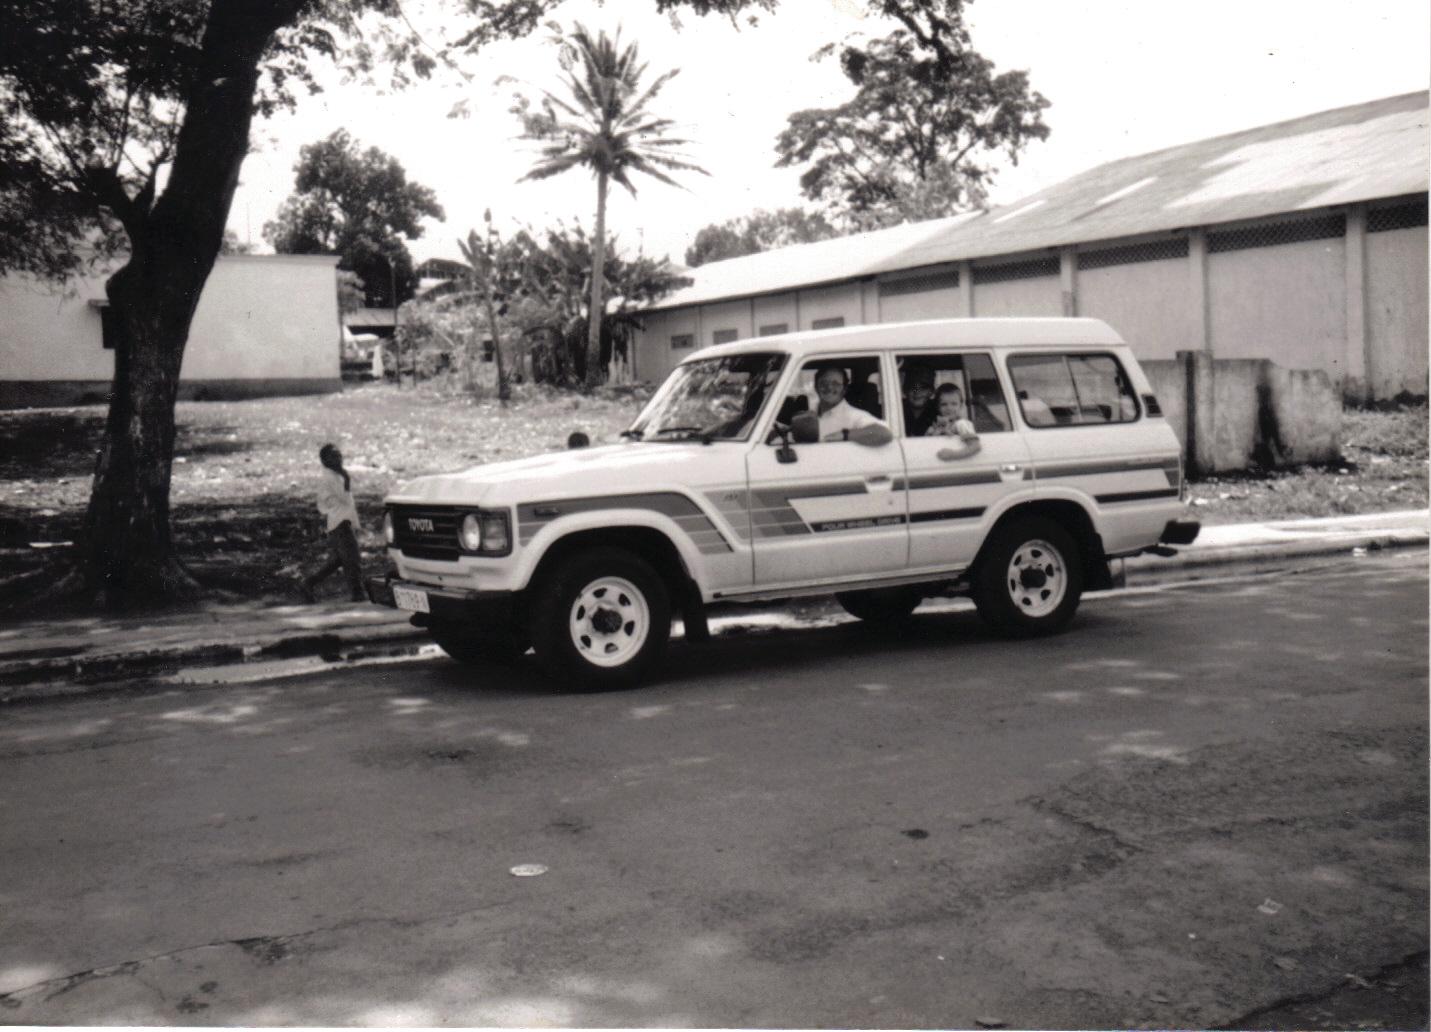 DPapá, mi hermano mayor Shawn y yo en nuestro vehículo Speed he Light, Malabo, Guinea Ecuatorial